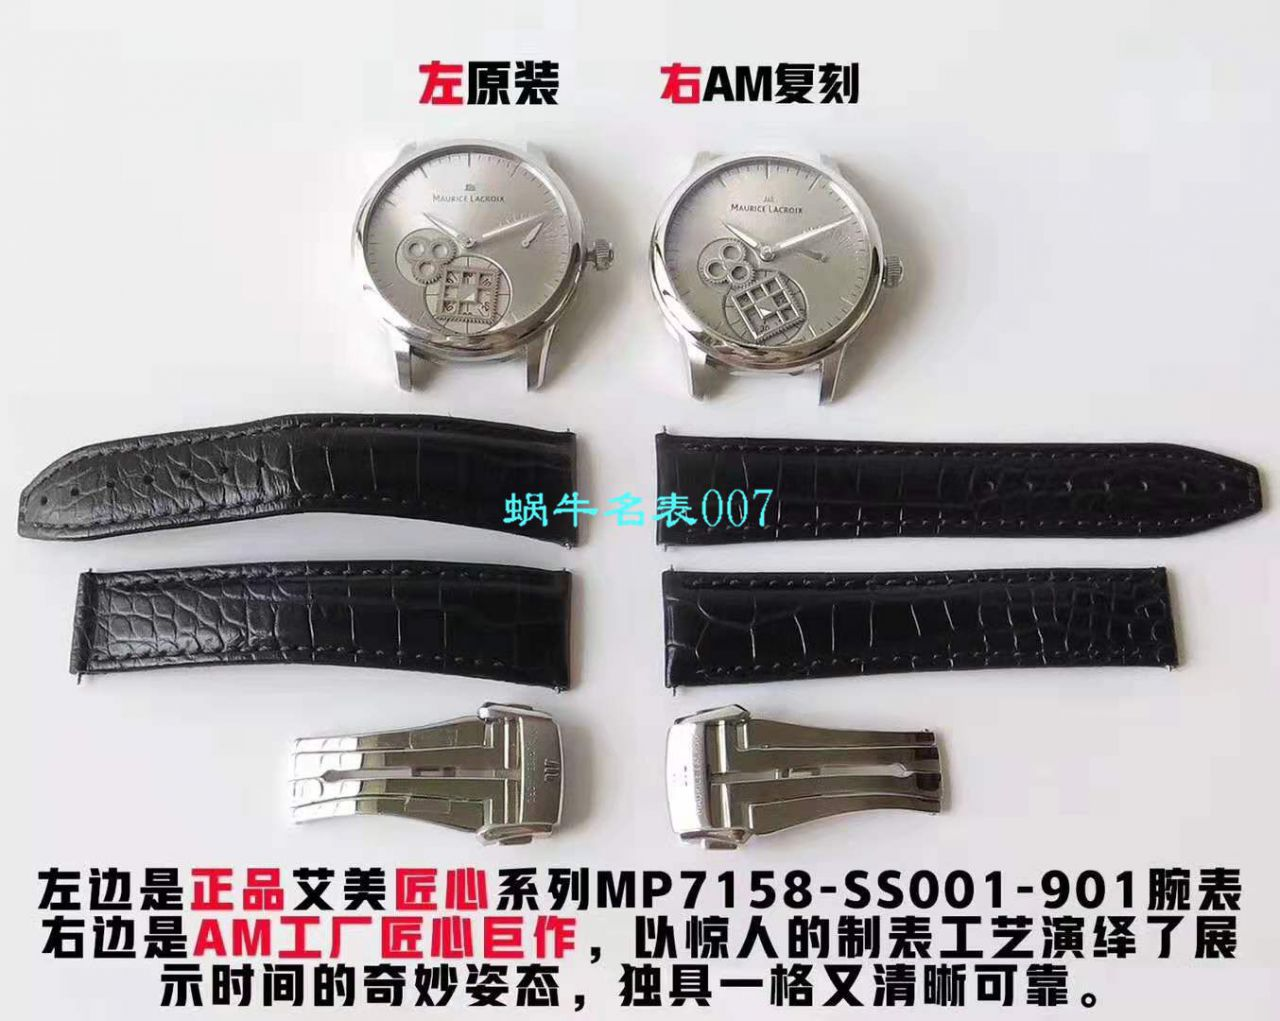 AM新品、最新艾美 方轮经典腕表 MP7158-SS001-301-1黑面、MP7158-SS001-101-1白面